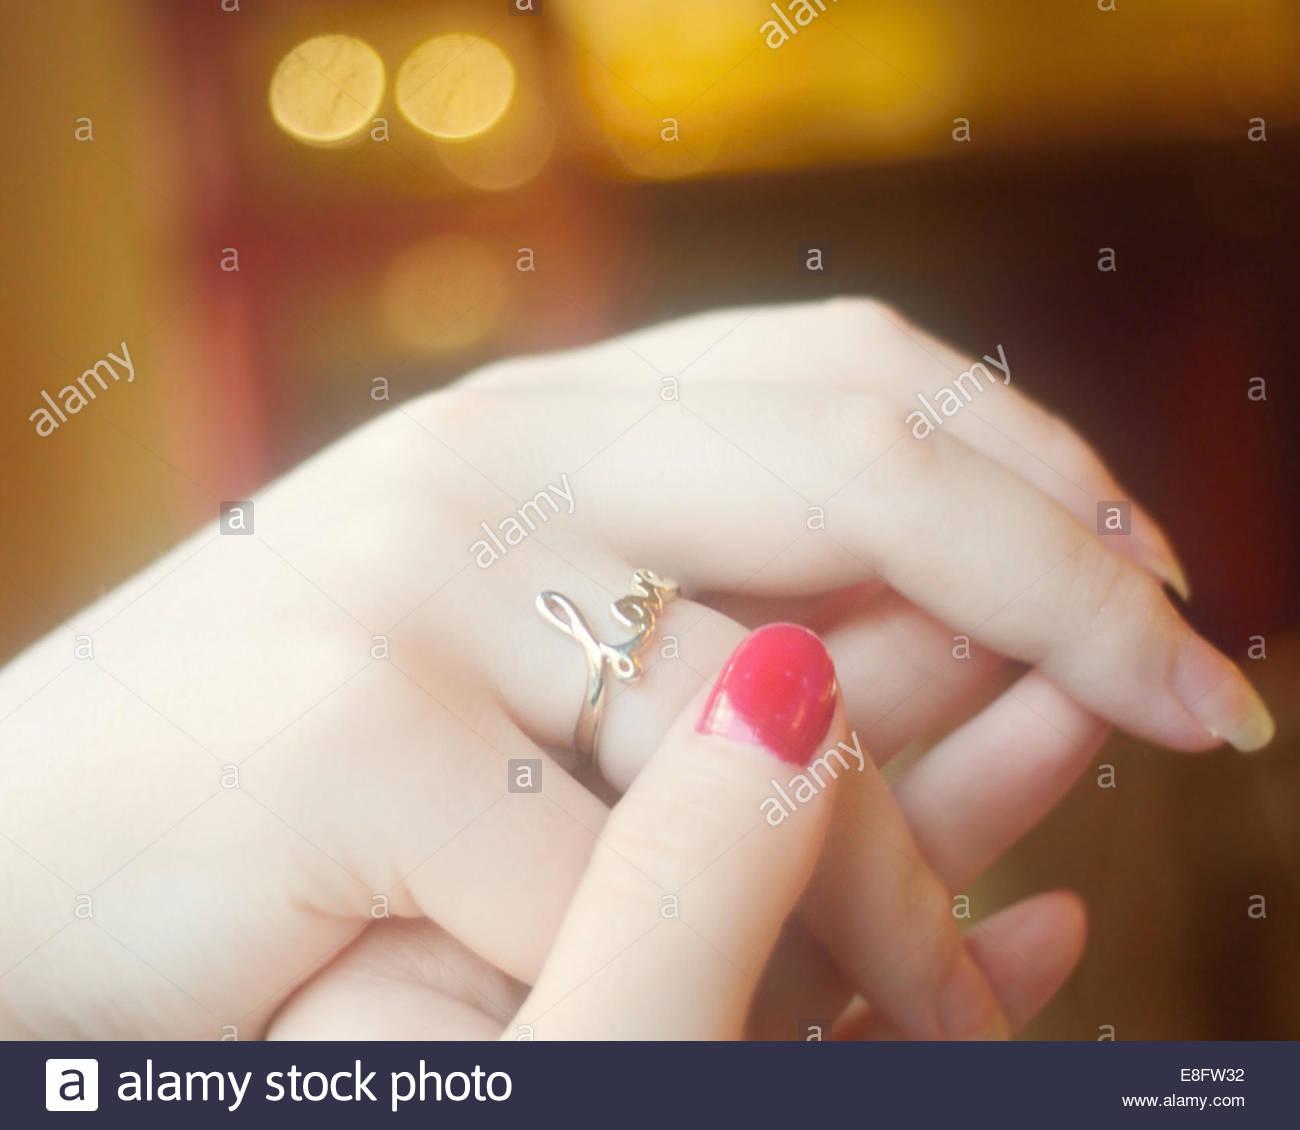 Voir des mains avec anneau d'amour Photo Stock